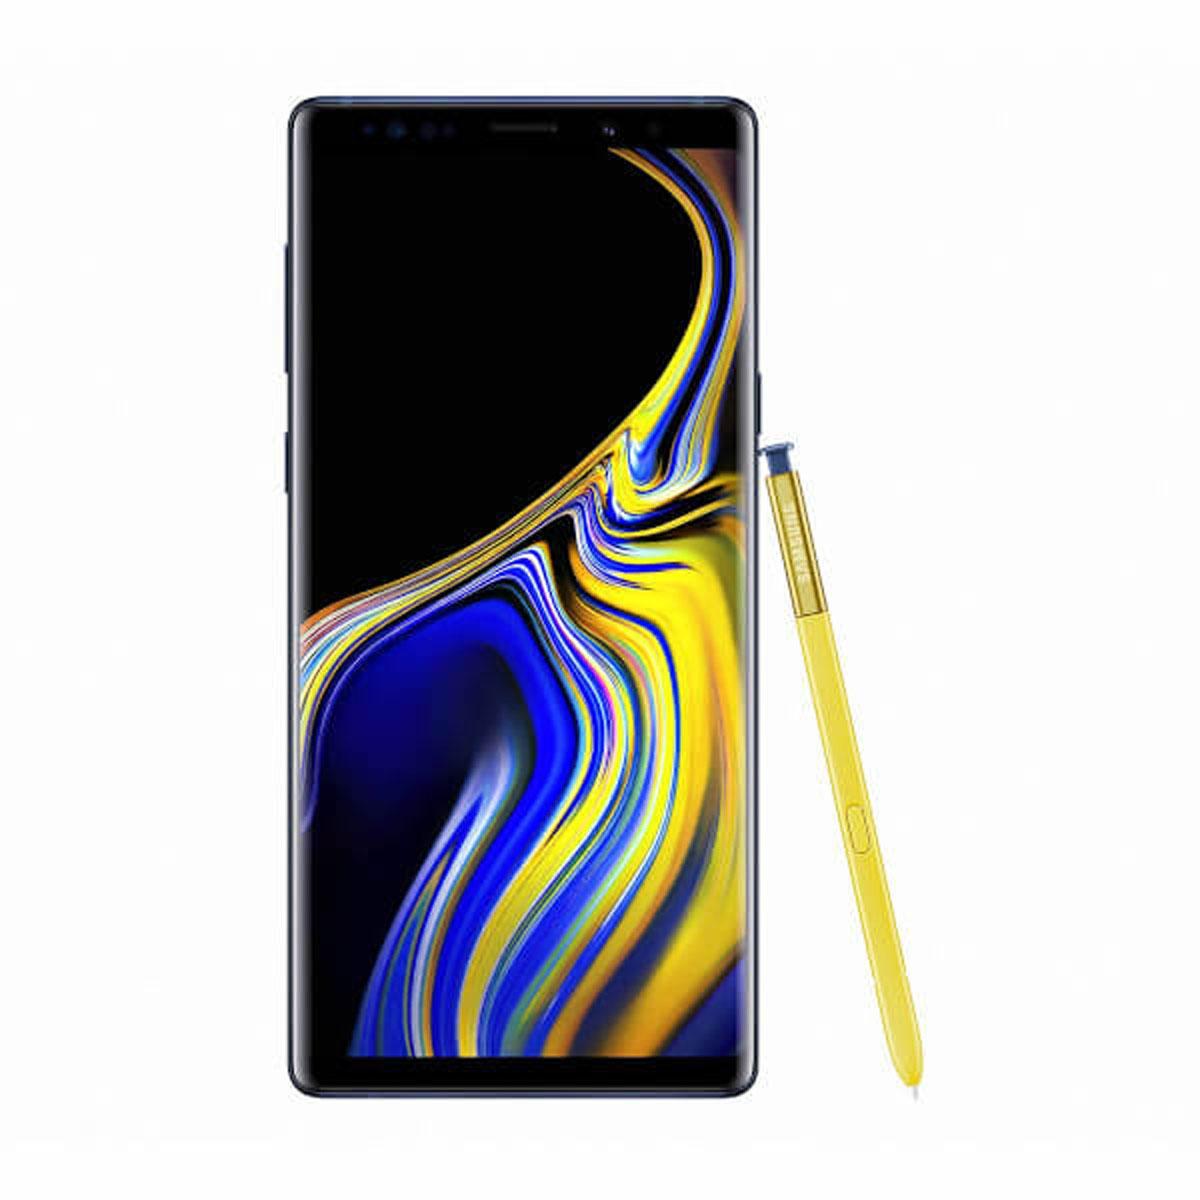 Samsung galaxy note 9 8gb/512gb ocean